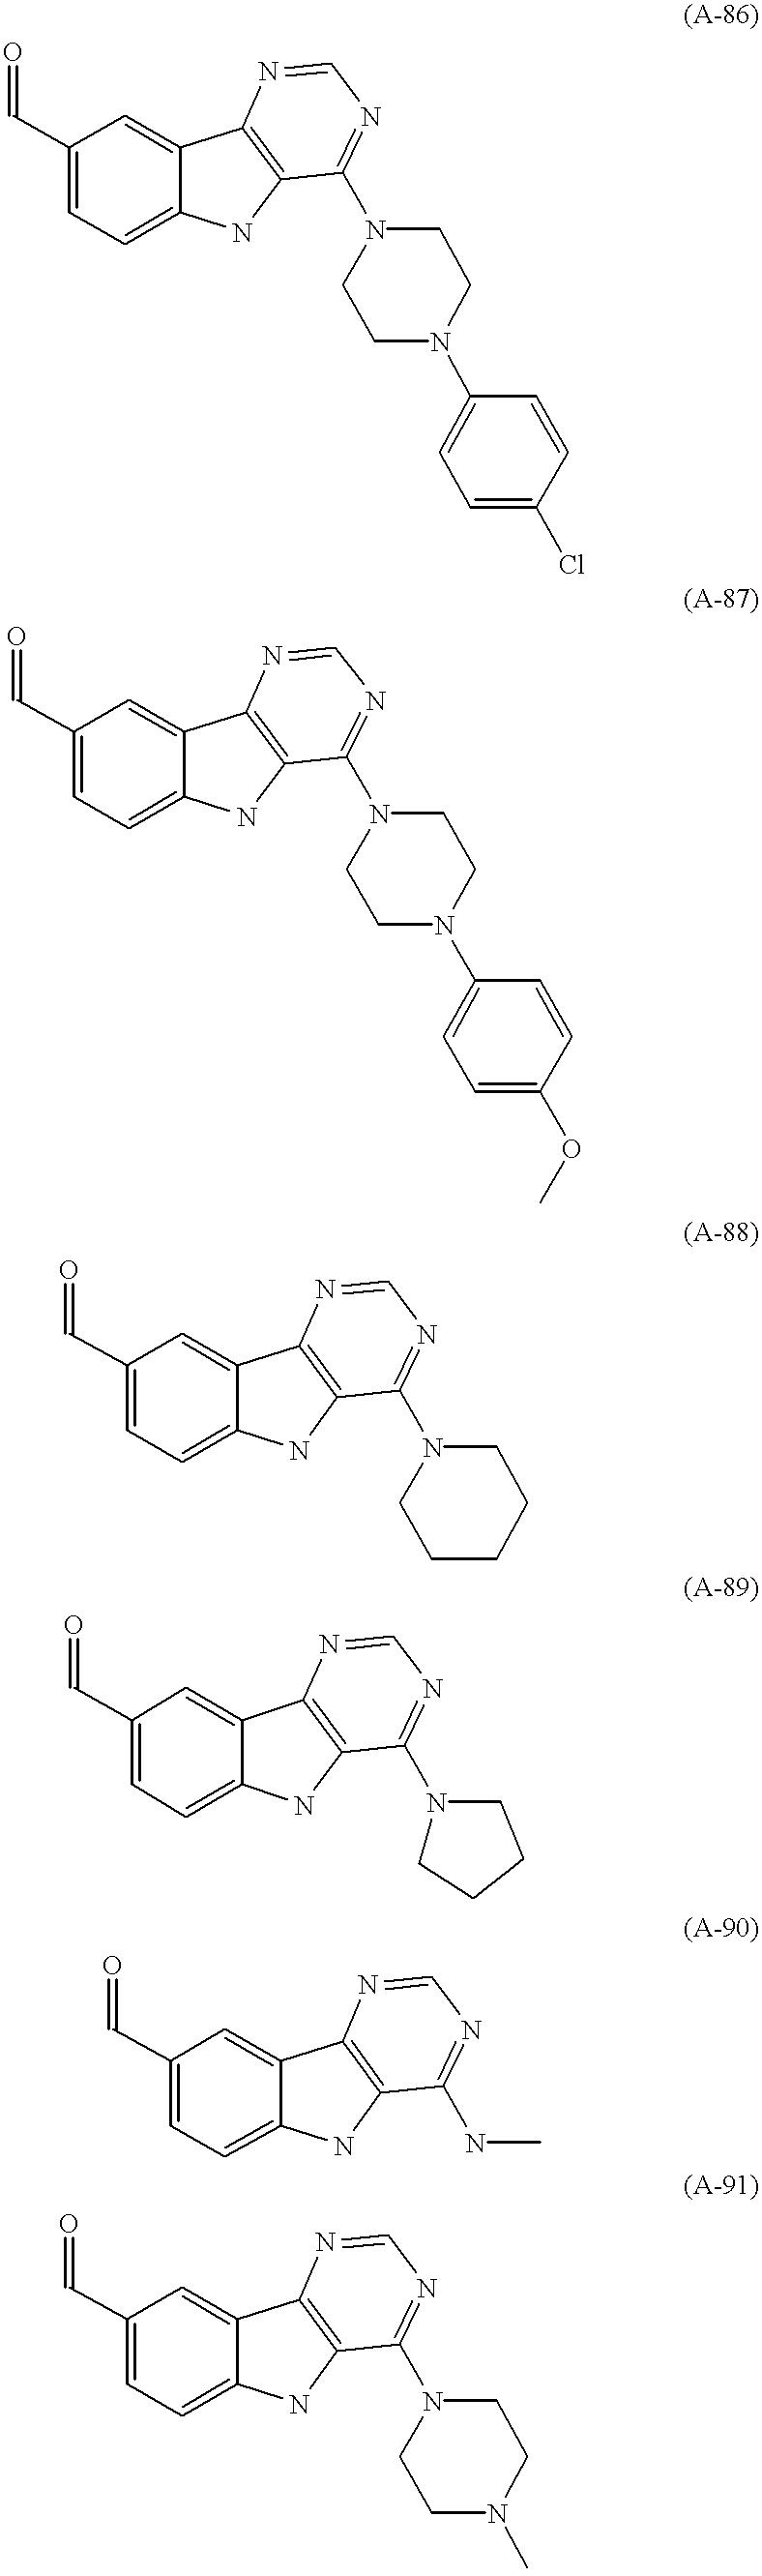 Figure US06514981-20030204-C00026